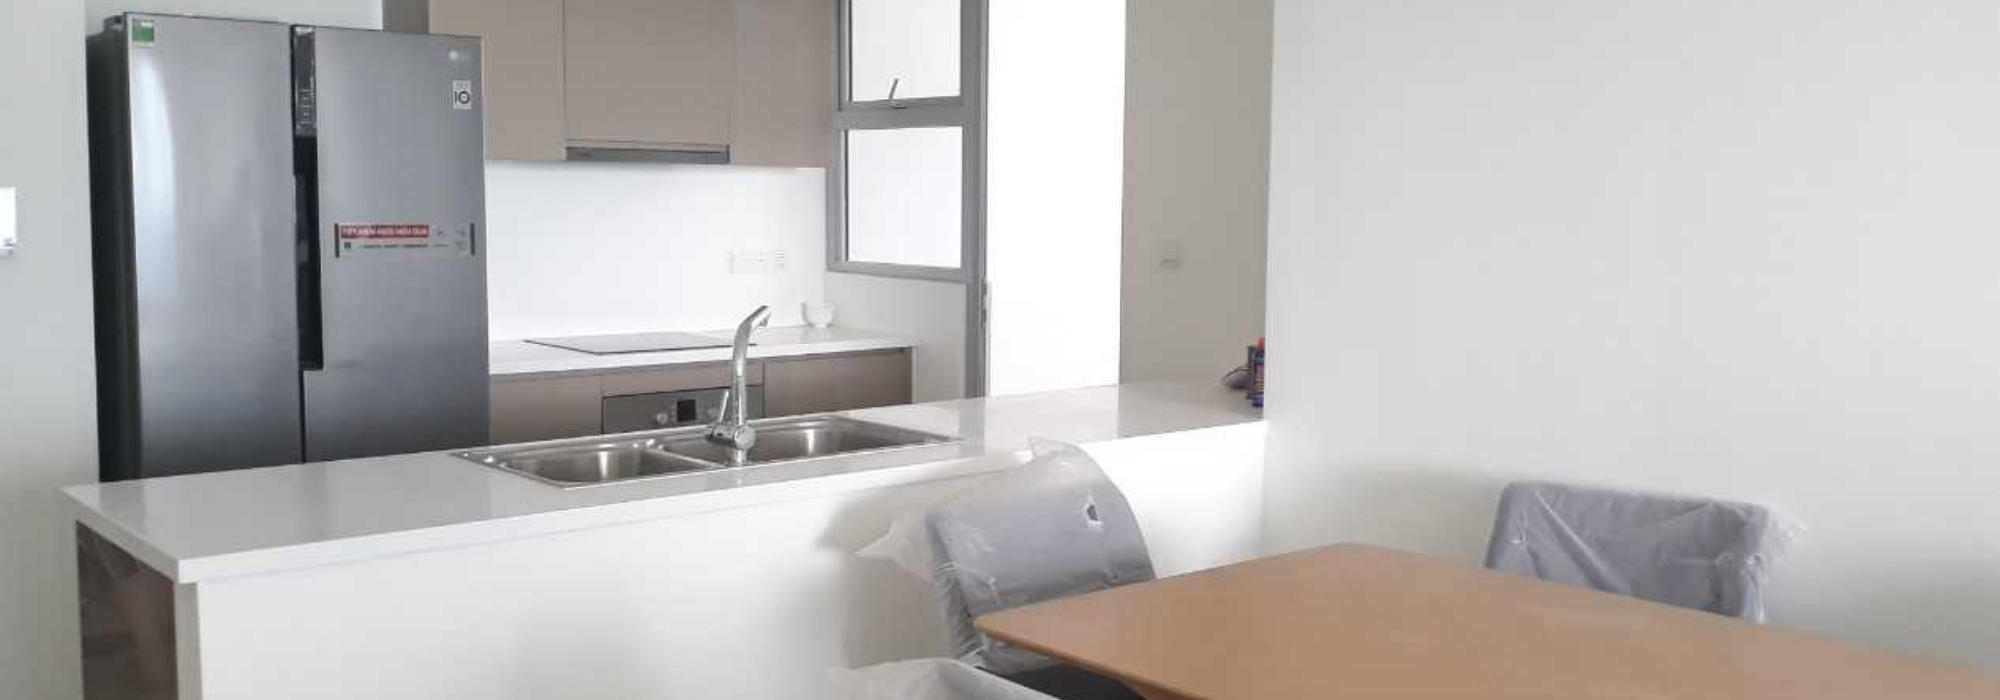 Estella Heights căn hộ 3 phòng ngủ – bếp mở và trang thiết bị hiện đại